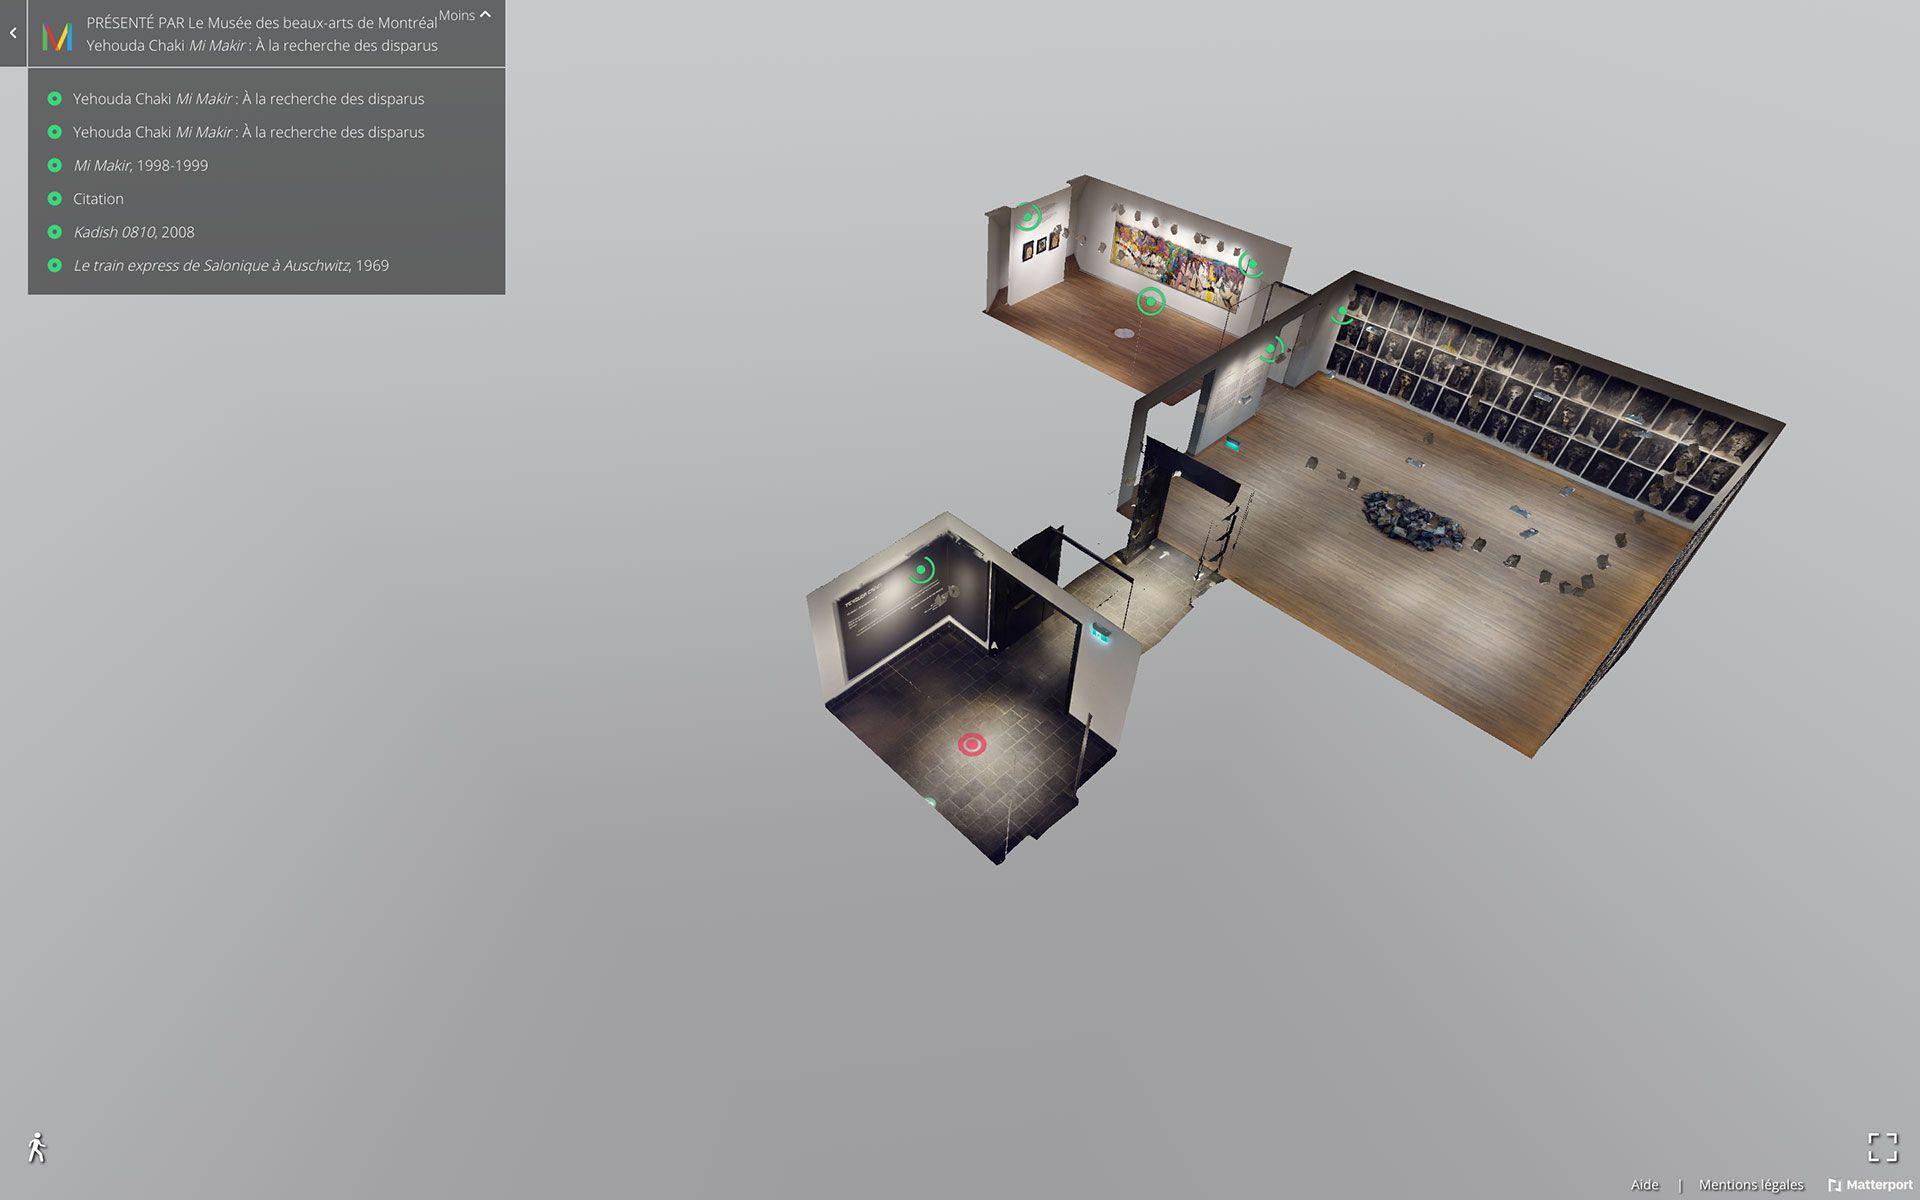 Vue de la version virtuelle de l'exposition Yehouda Chaki : Mi Makir. À la recherche des disparus.